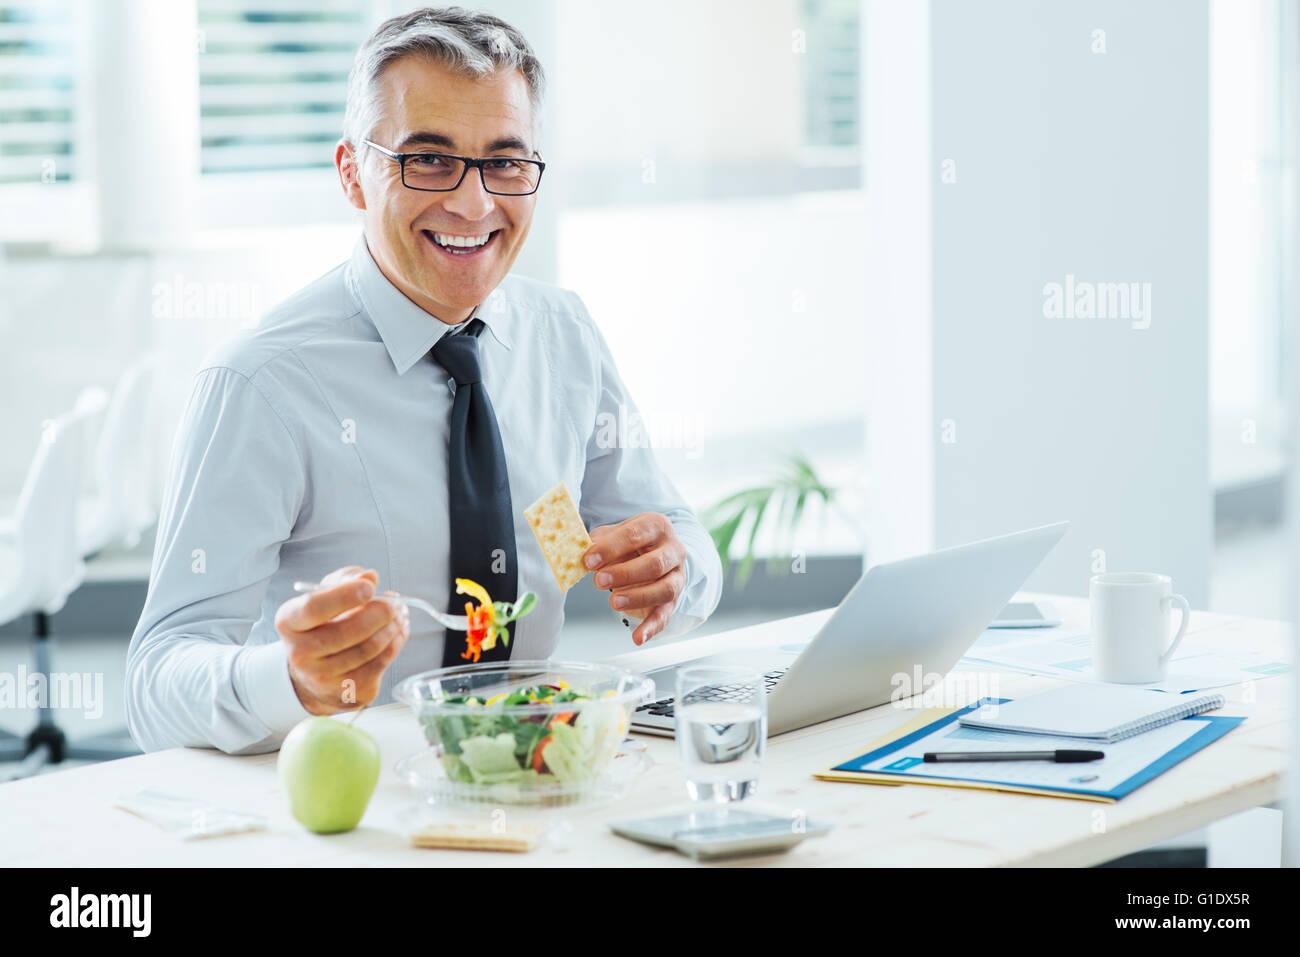 Smiling businessman sitting at Office 24 et avoir une pause déjeuner, il est en train de manger un saladier Photo Stock